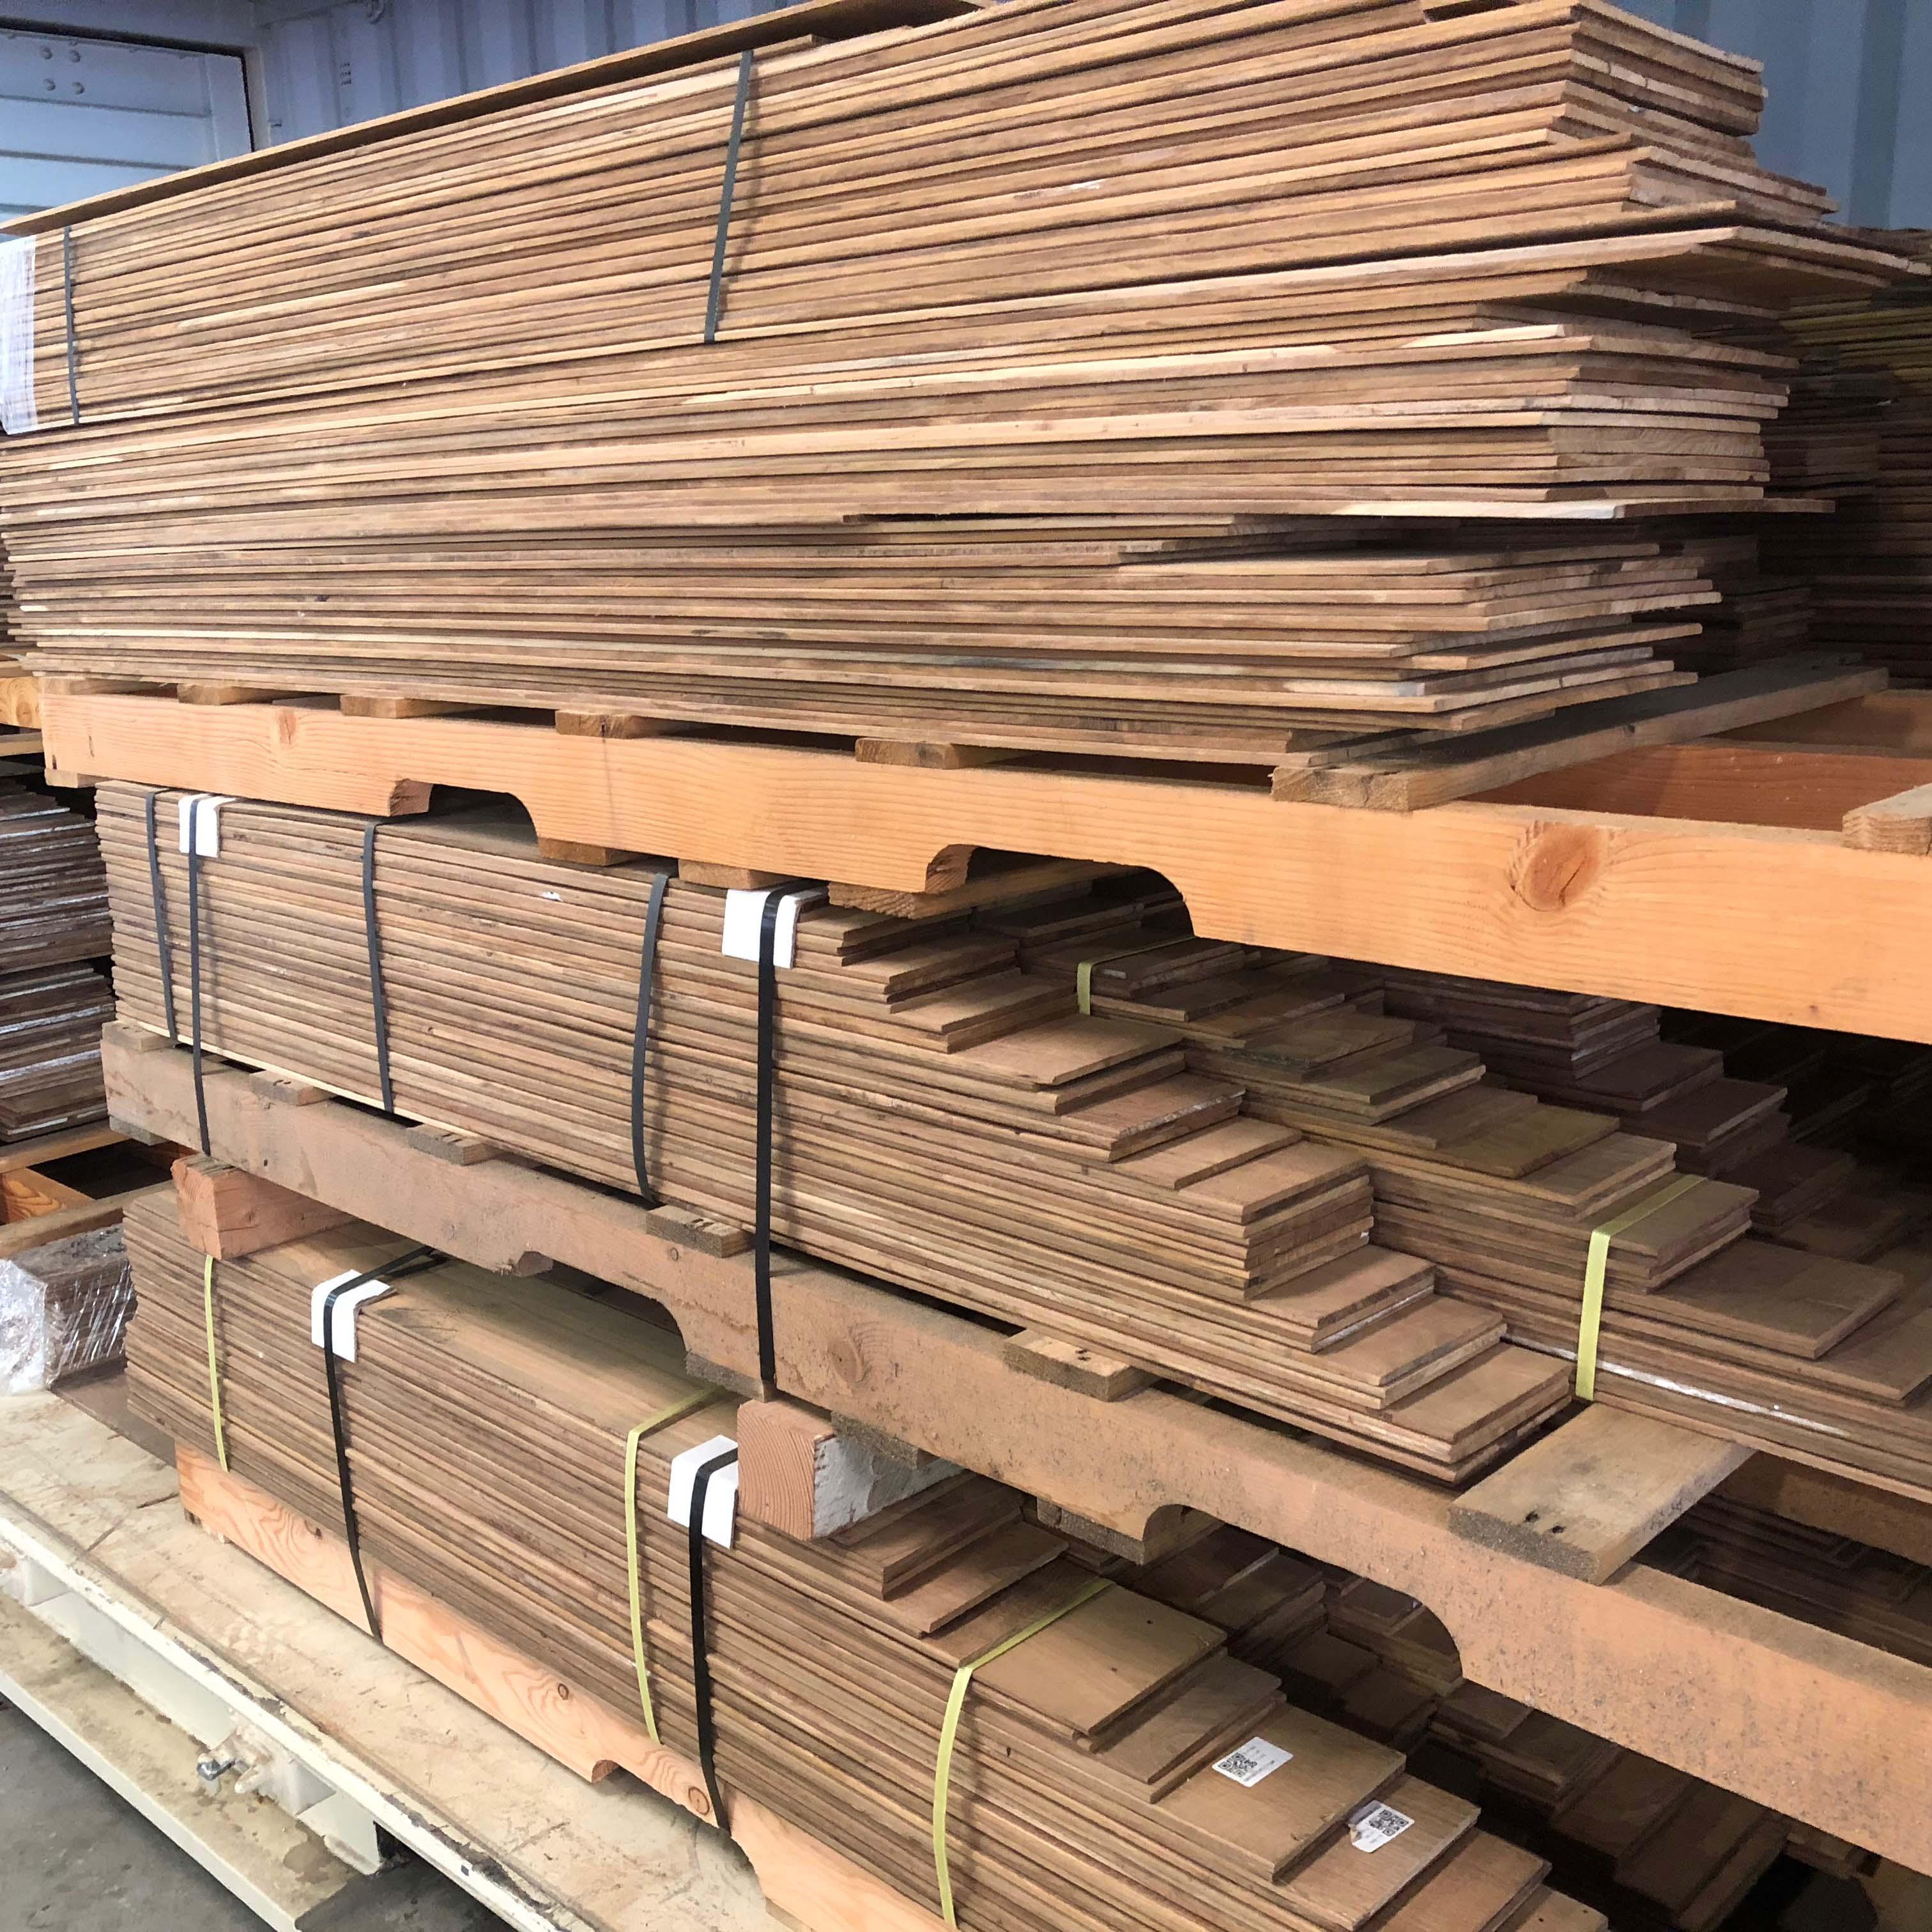 patina siding - Reclaimed Teak Siding